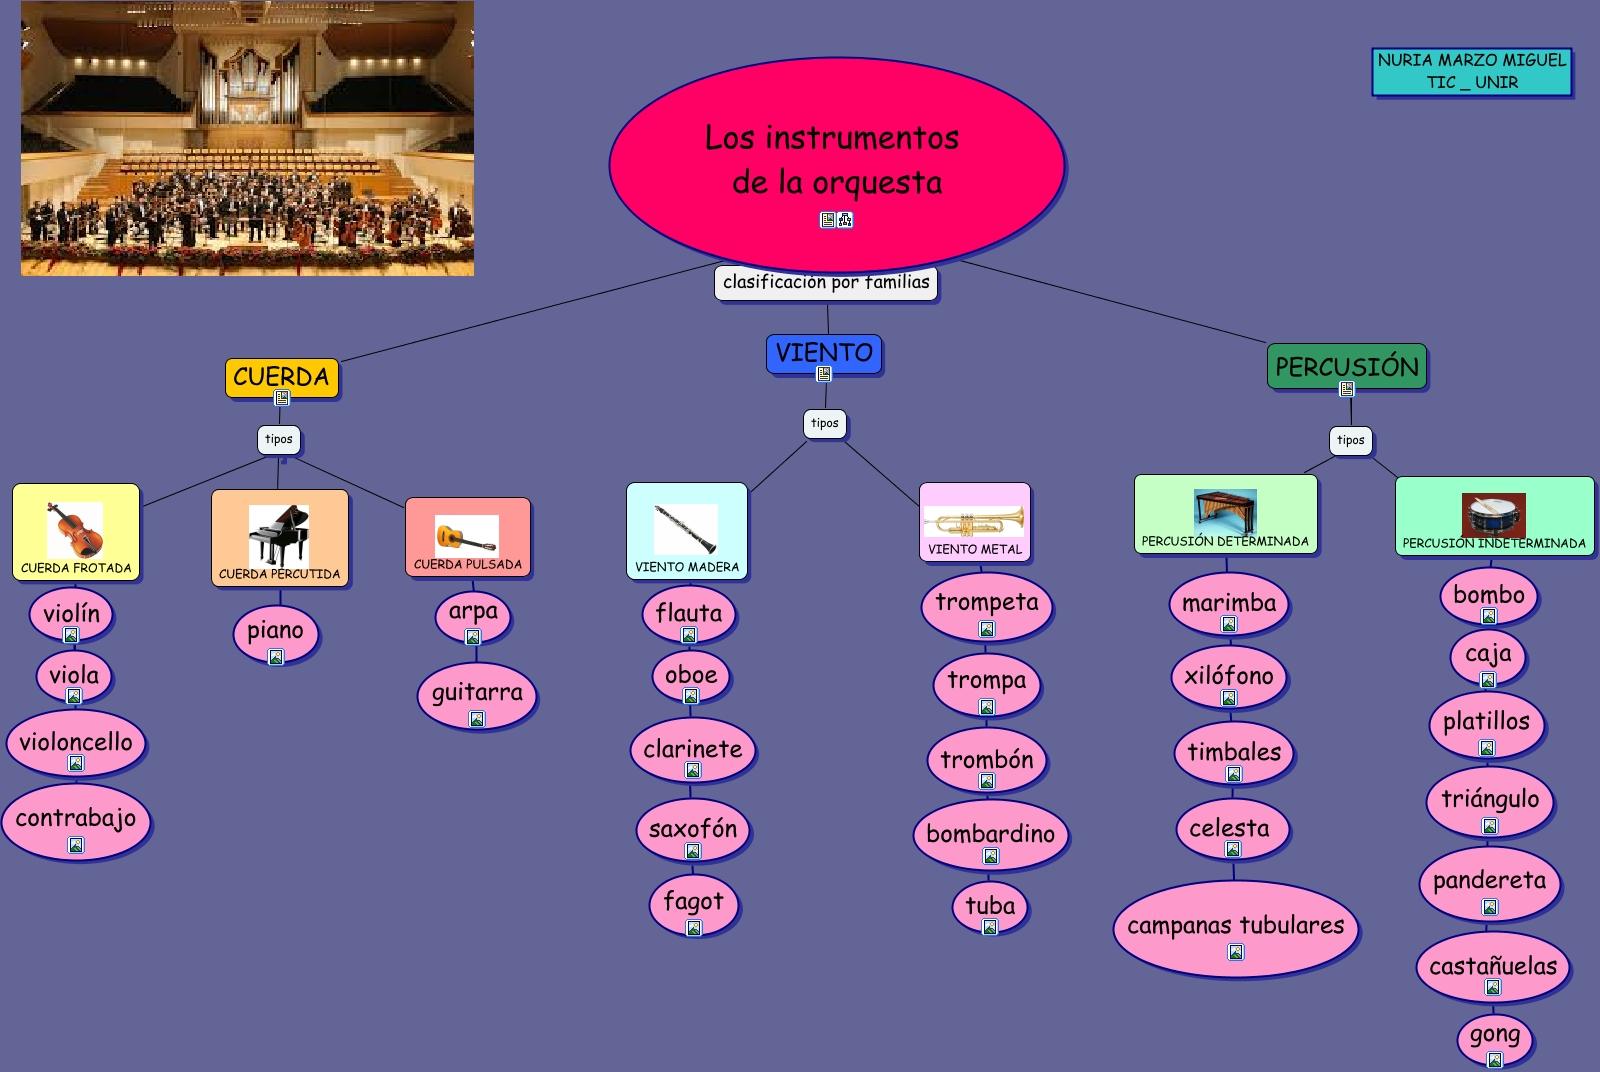 Los instrumentos musicales unir - Tipos de cuerdas ...